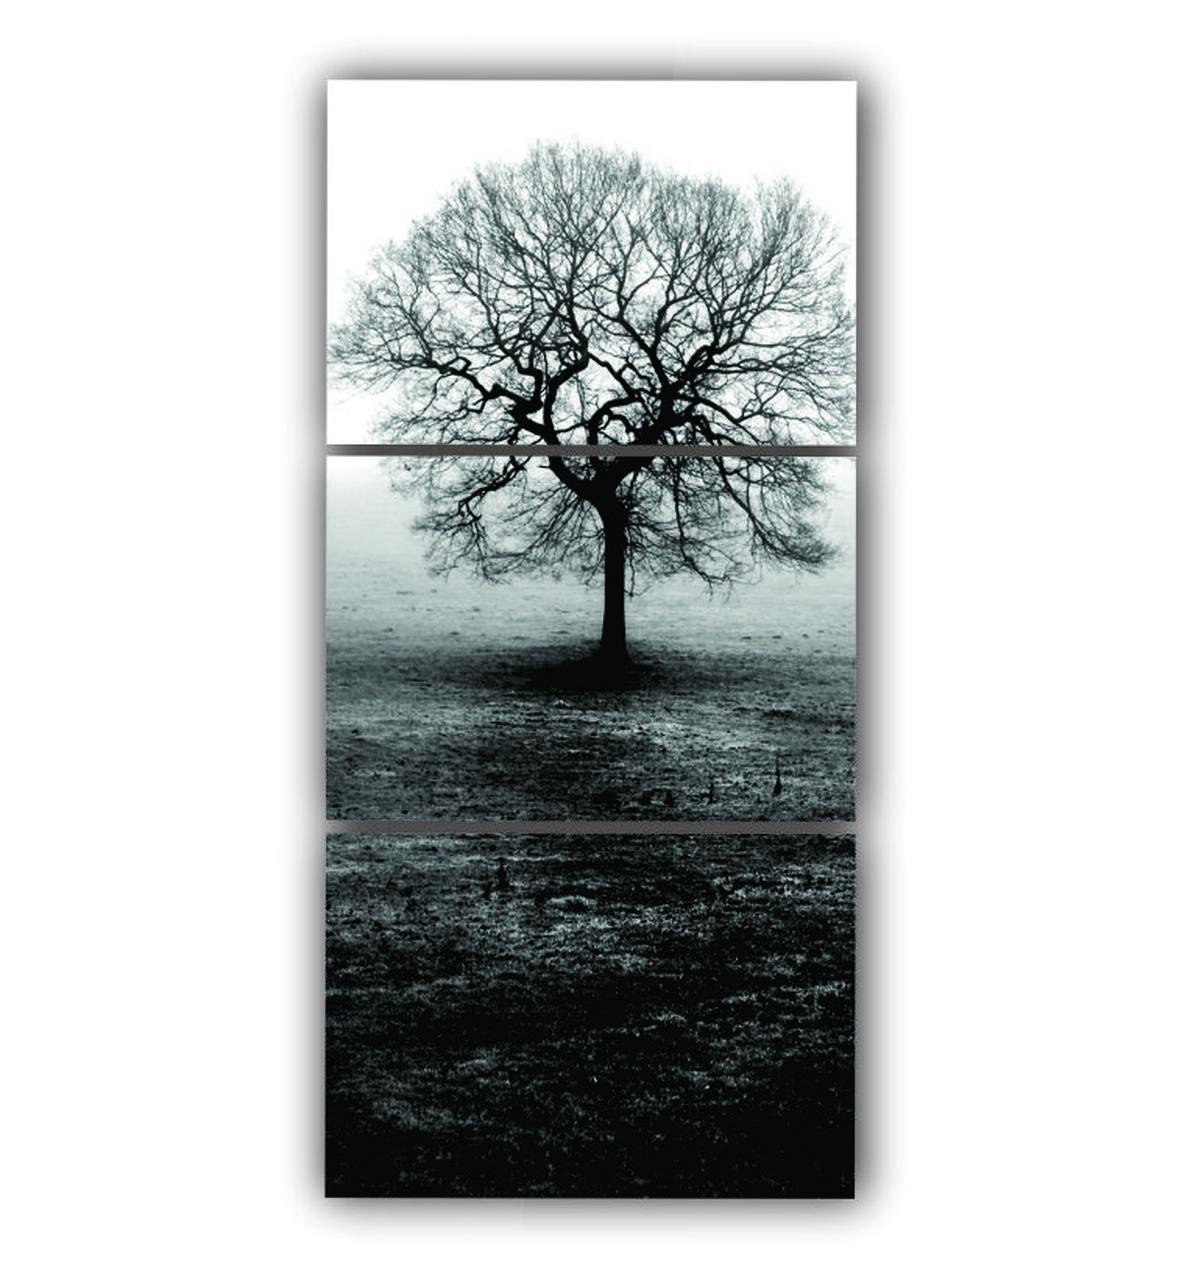 Quadro Decorativo Vertical Árvore Galhos e Folhas Secas  - Kit 3 telas